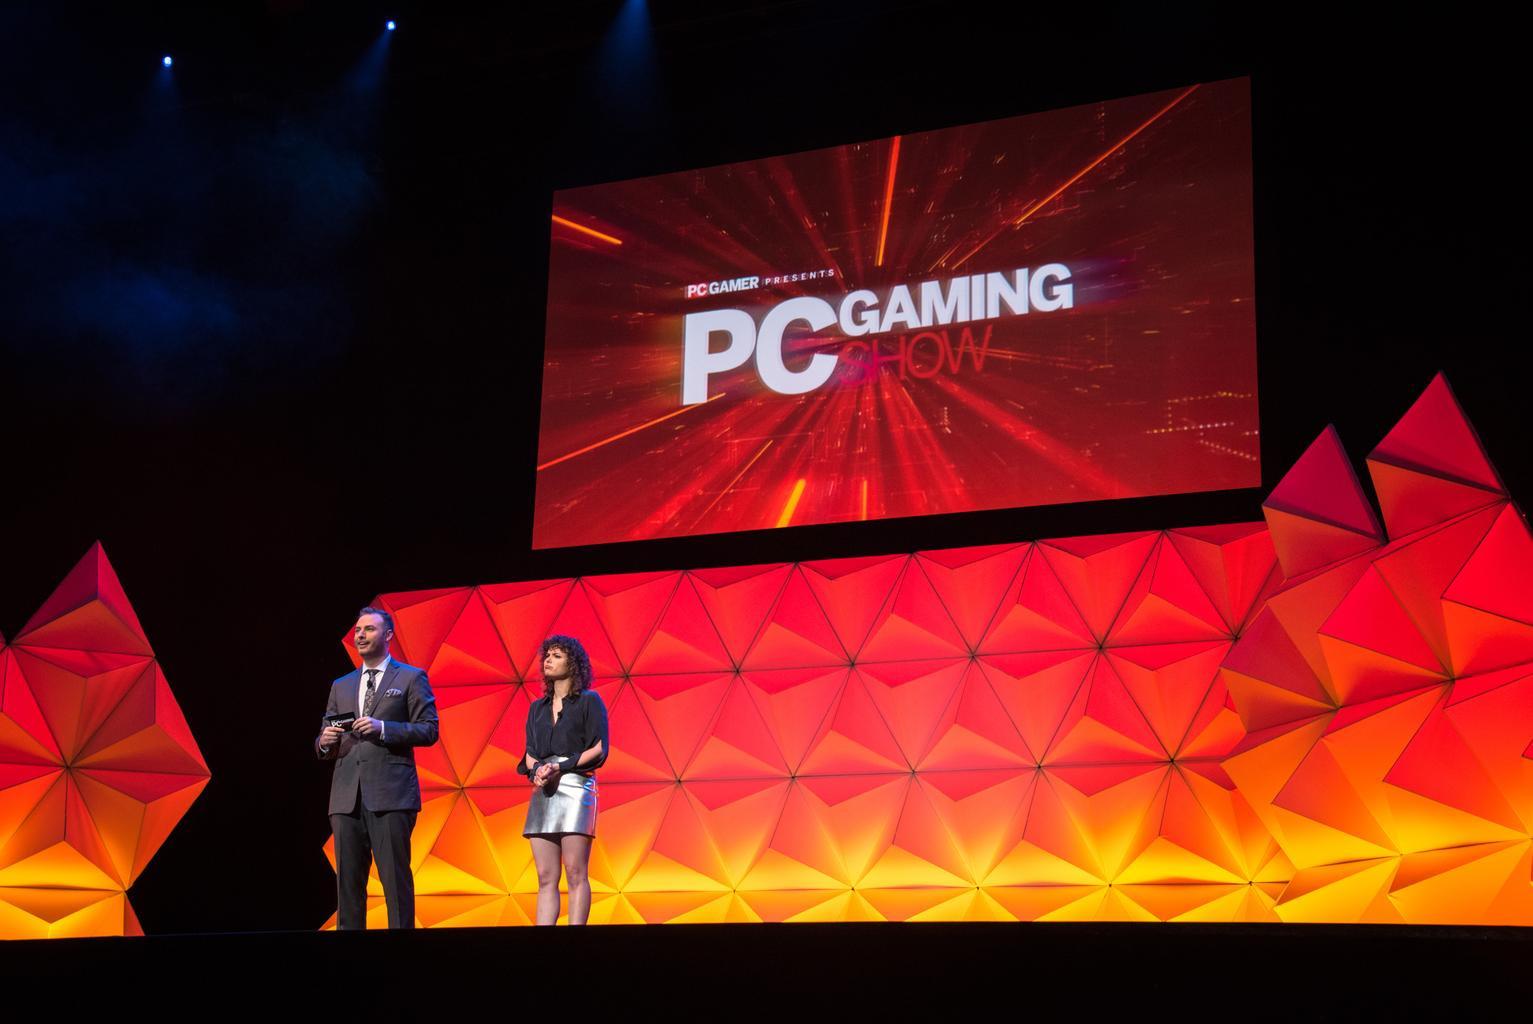 Что показали на PC Gaming Show 2020: Persona4, Humankind, Mafia и многое другое